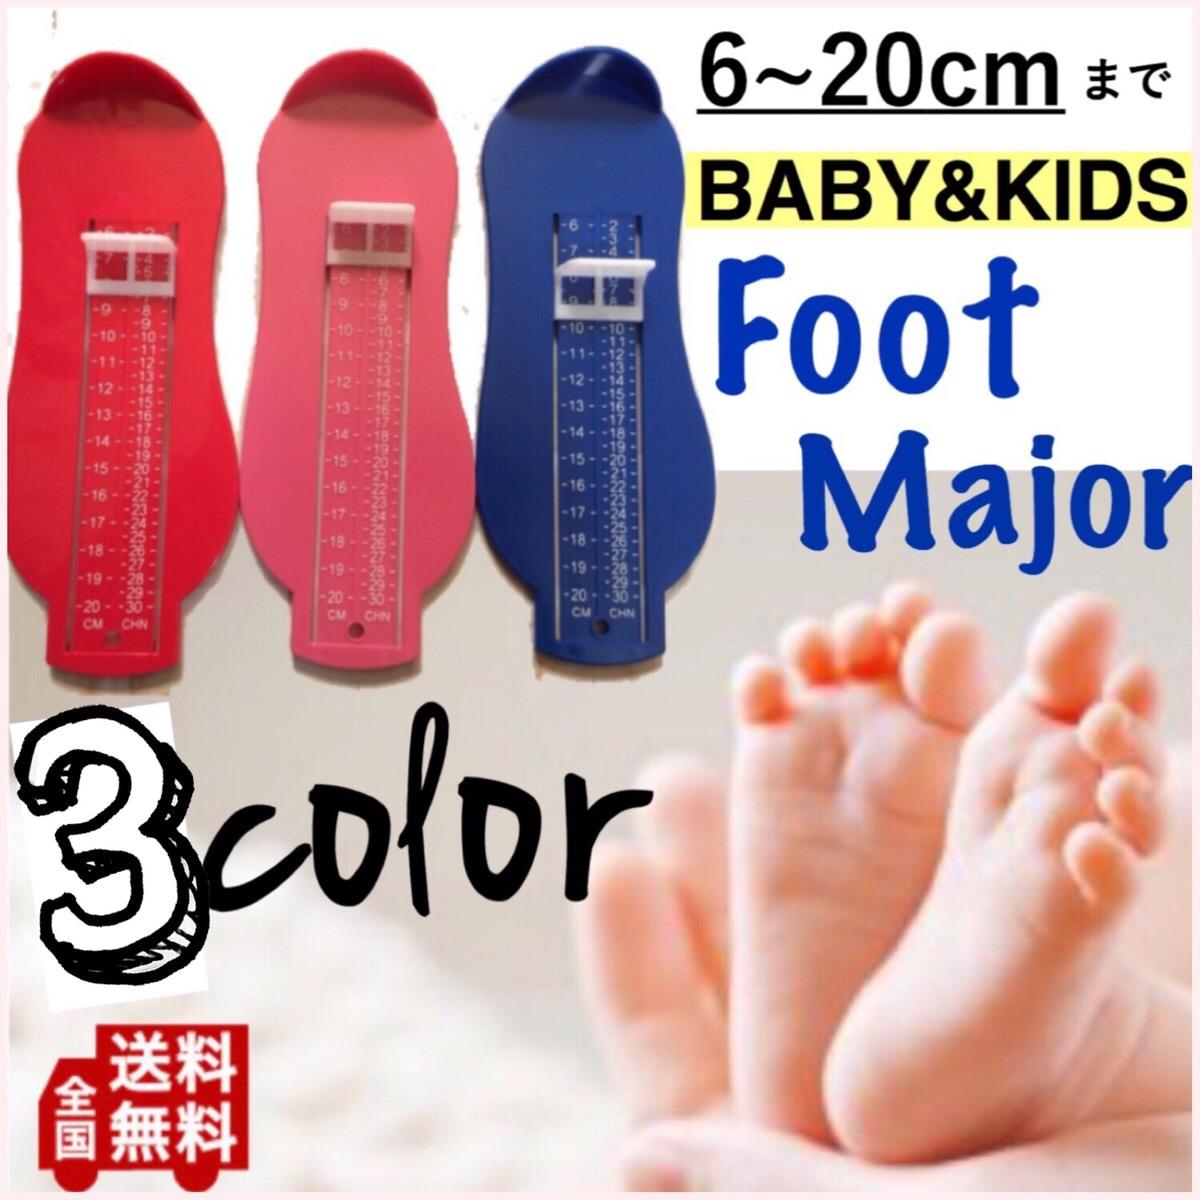 フットメジャー 足のサイズ 計測器 6~20cm 子供用 フットスケール フットサイズ測定器 簡単 センチ 測る 計測 定規 成長 靴のサイズ キッズ ベビー ゲージ 出産祝い 靴擦れ防止